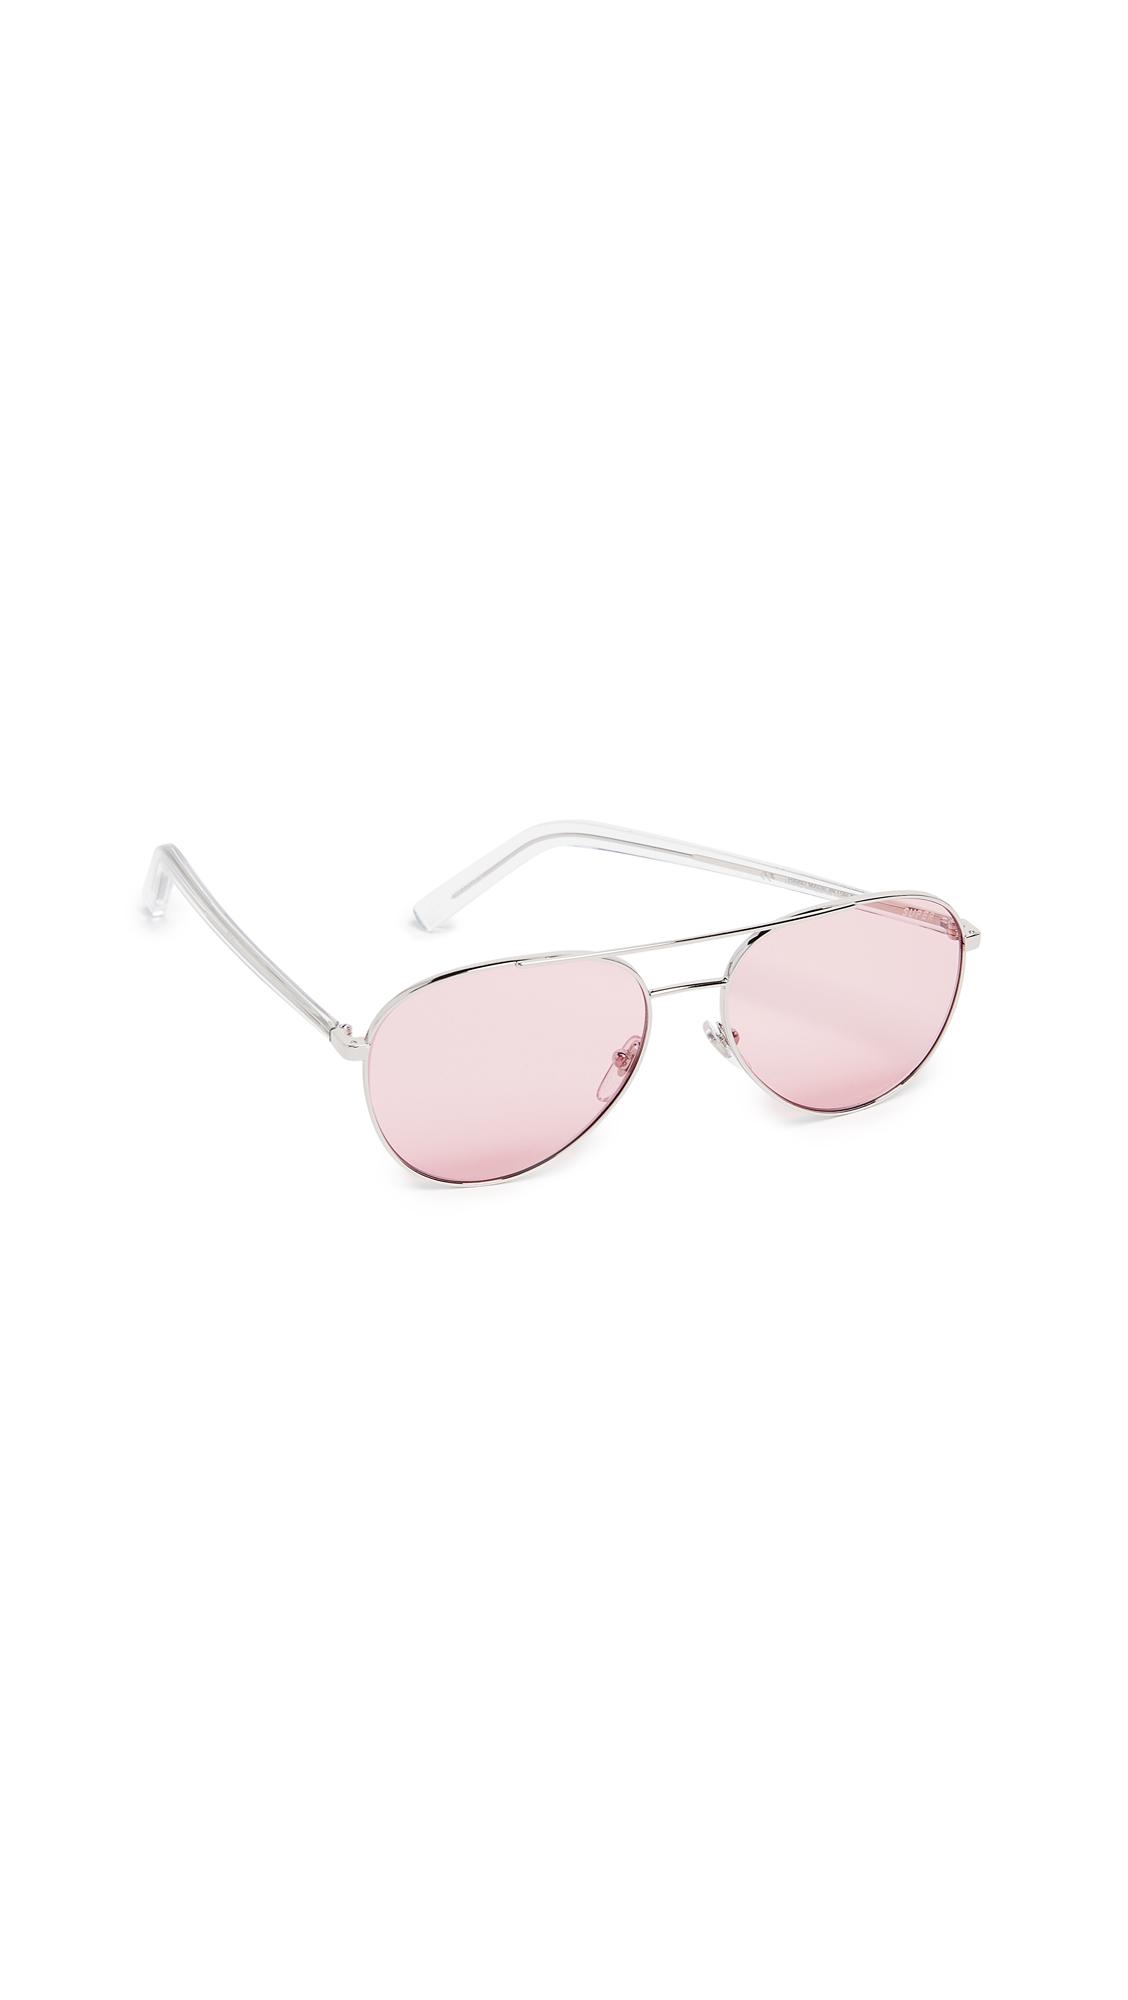 SUPER SUNGLASSES Ideal Aviator Sunglasses in Pink